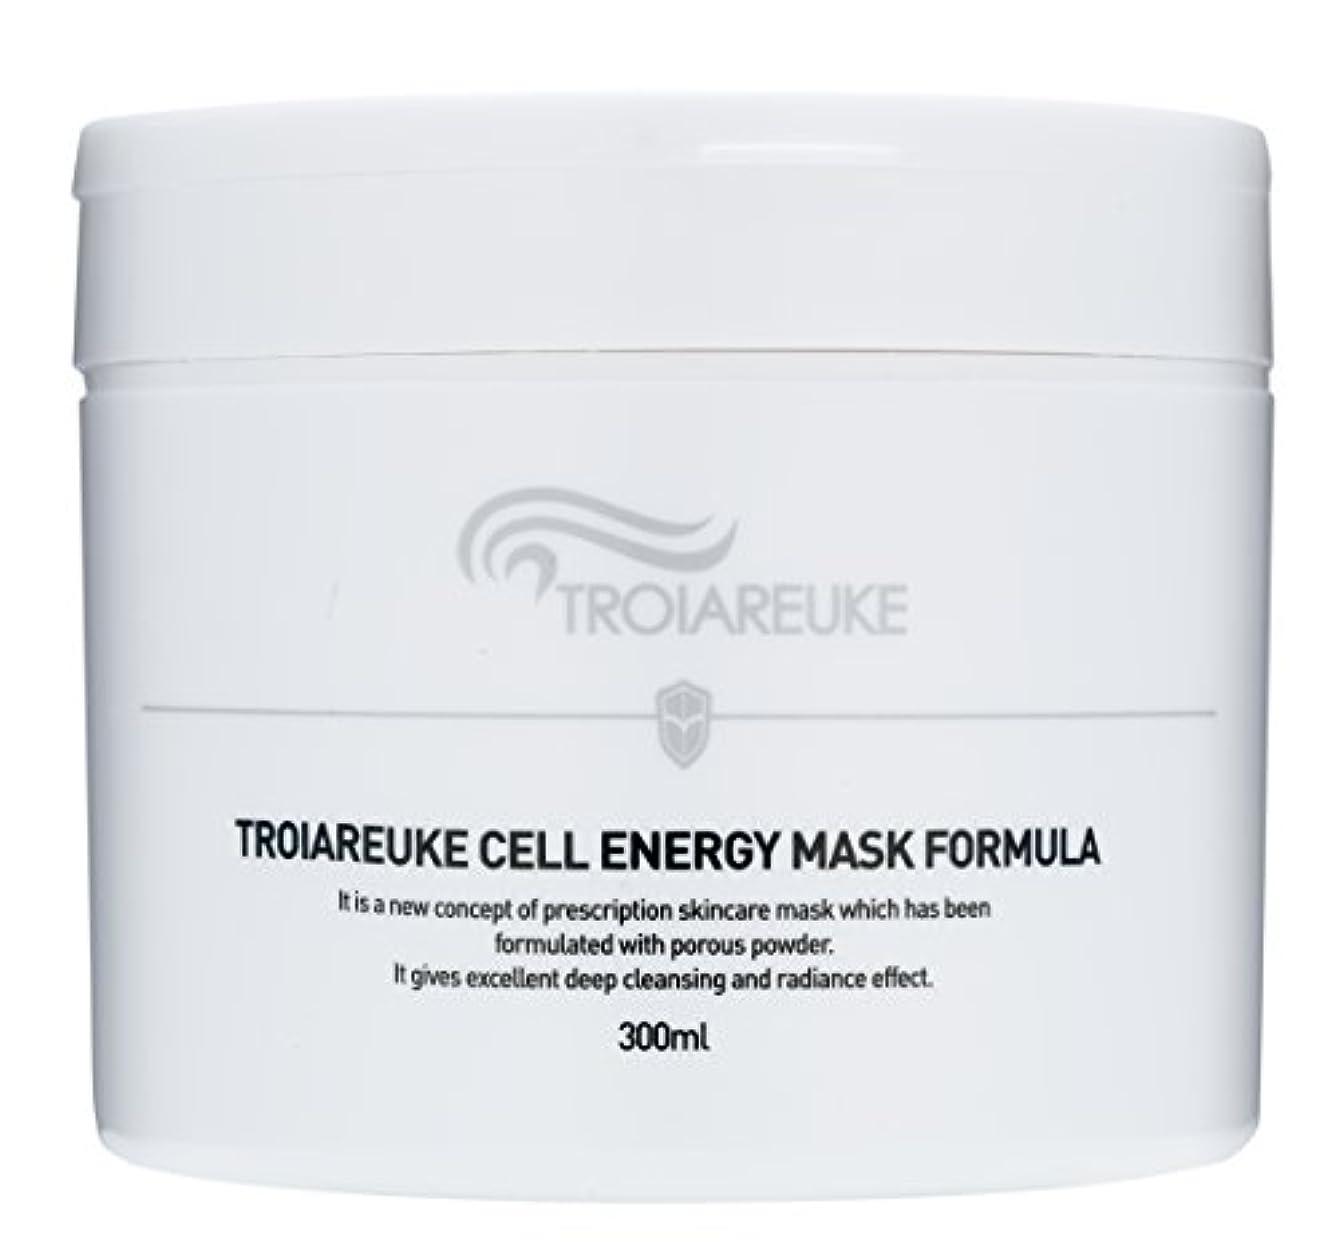 泥沼ダブル殉教者Troiareuke(トロイアルケ) セルエネルギー マスク フォーミュラー/Cell Energy Mask Fomula (300ml) [並行輸入品]